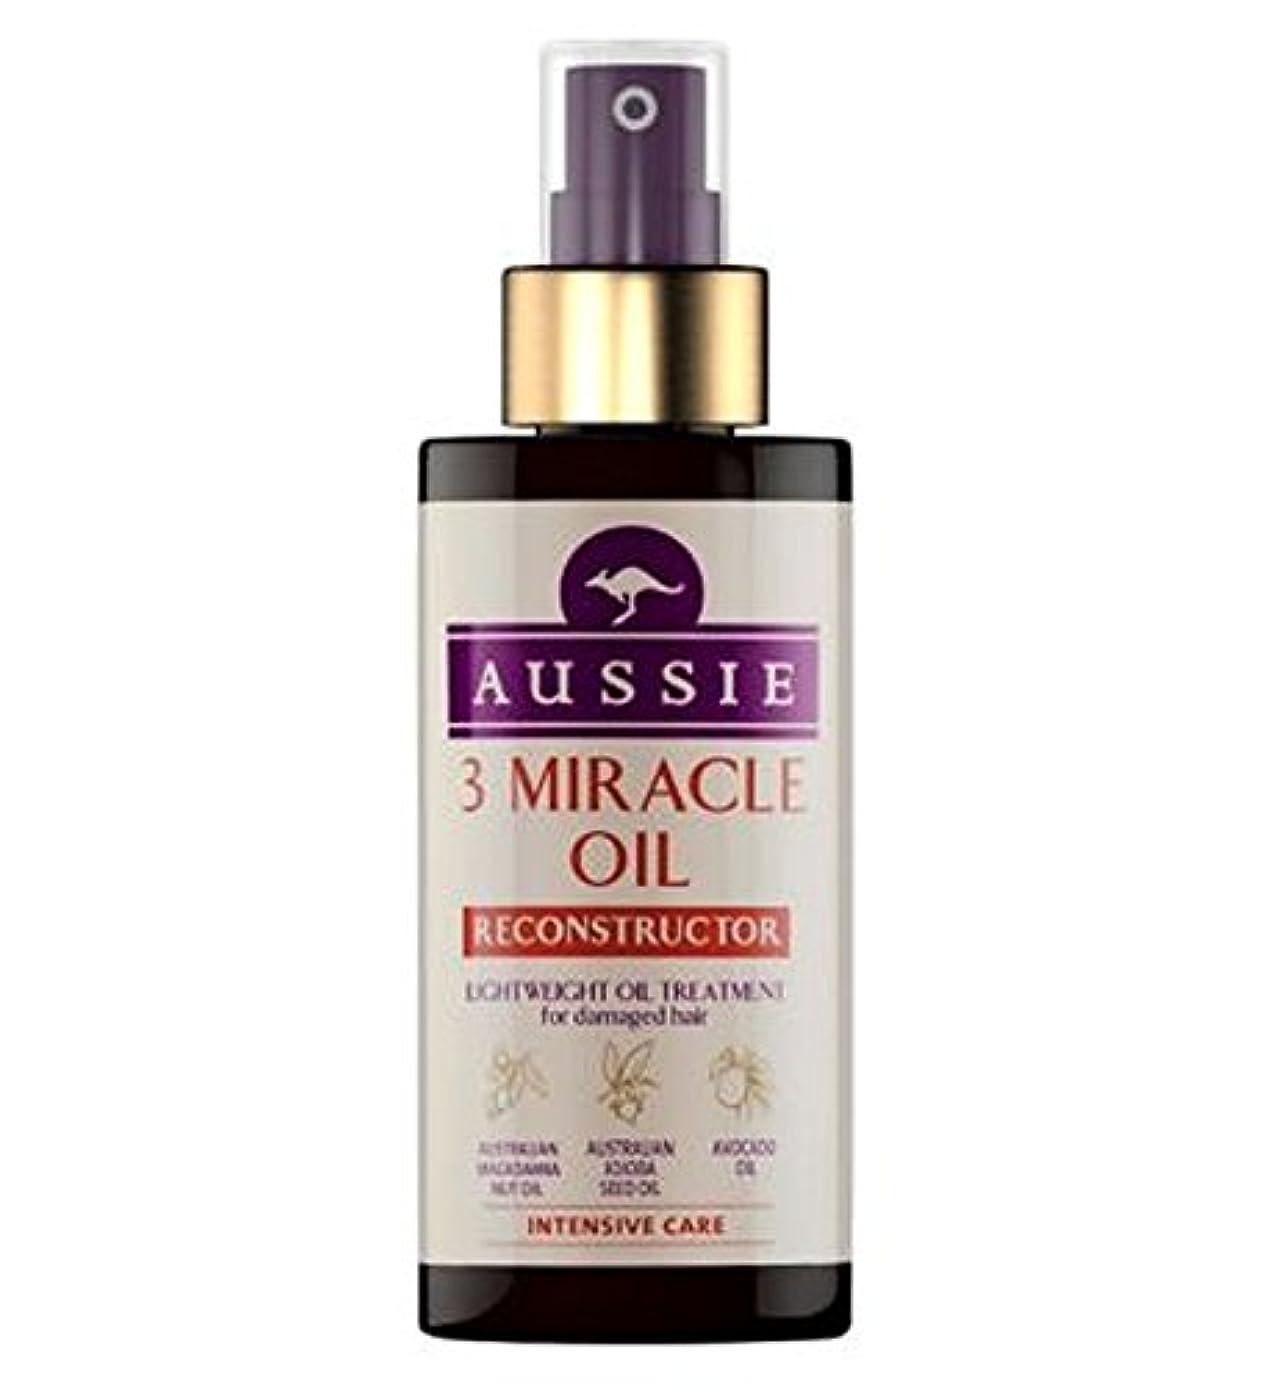 スカープ飾り羽マイルAussie 3 Miracle Oil Reconstructor for Damaged Hair 100ml - 傷んだ髪の100ミリリットルのためのオージー3奇跡のオイル再構成 (Aussie) [並行輸入品]